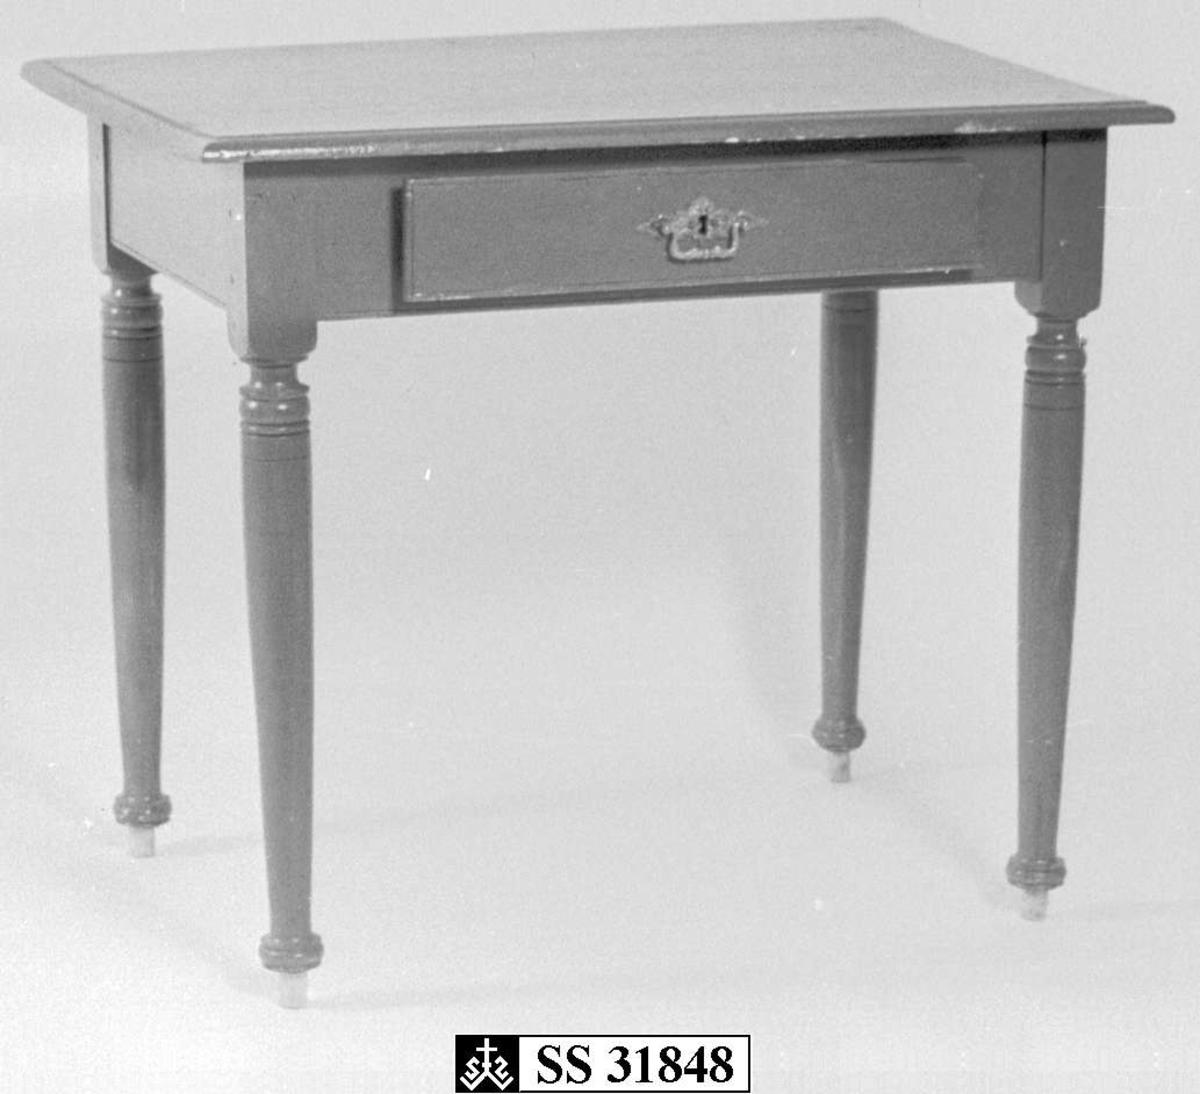 Brunmalt bord med dreide bein og plate med avfaset kant. Skuff med messing håndtak og lås, men nøkkel mangler. Knotter nederst på beina, muligens for å gjøre bordet noe høyere.